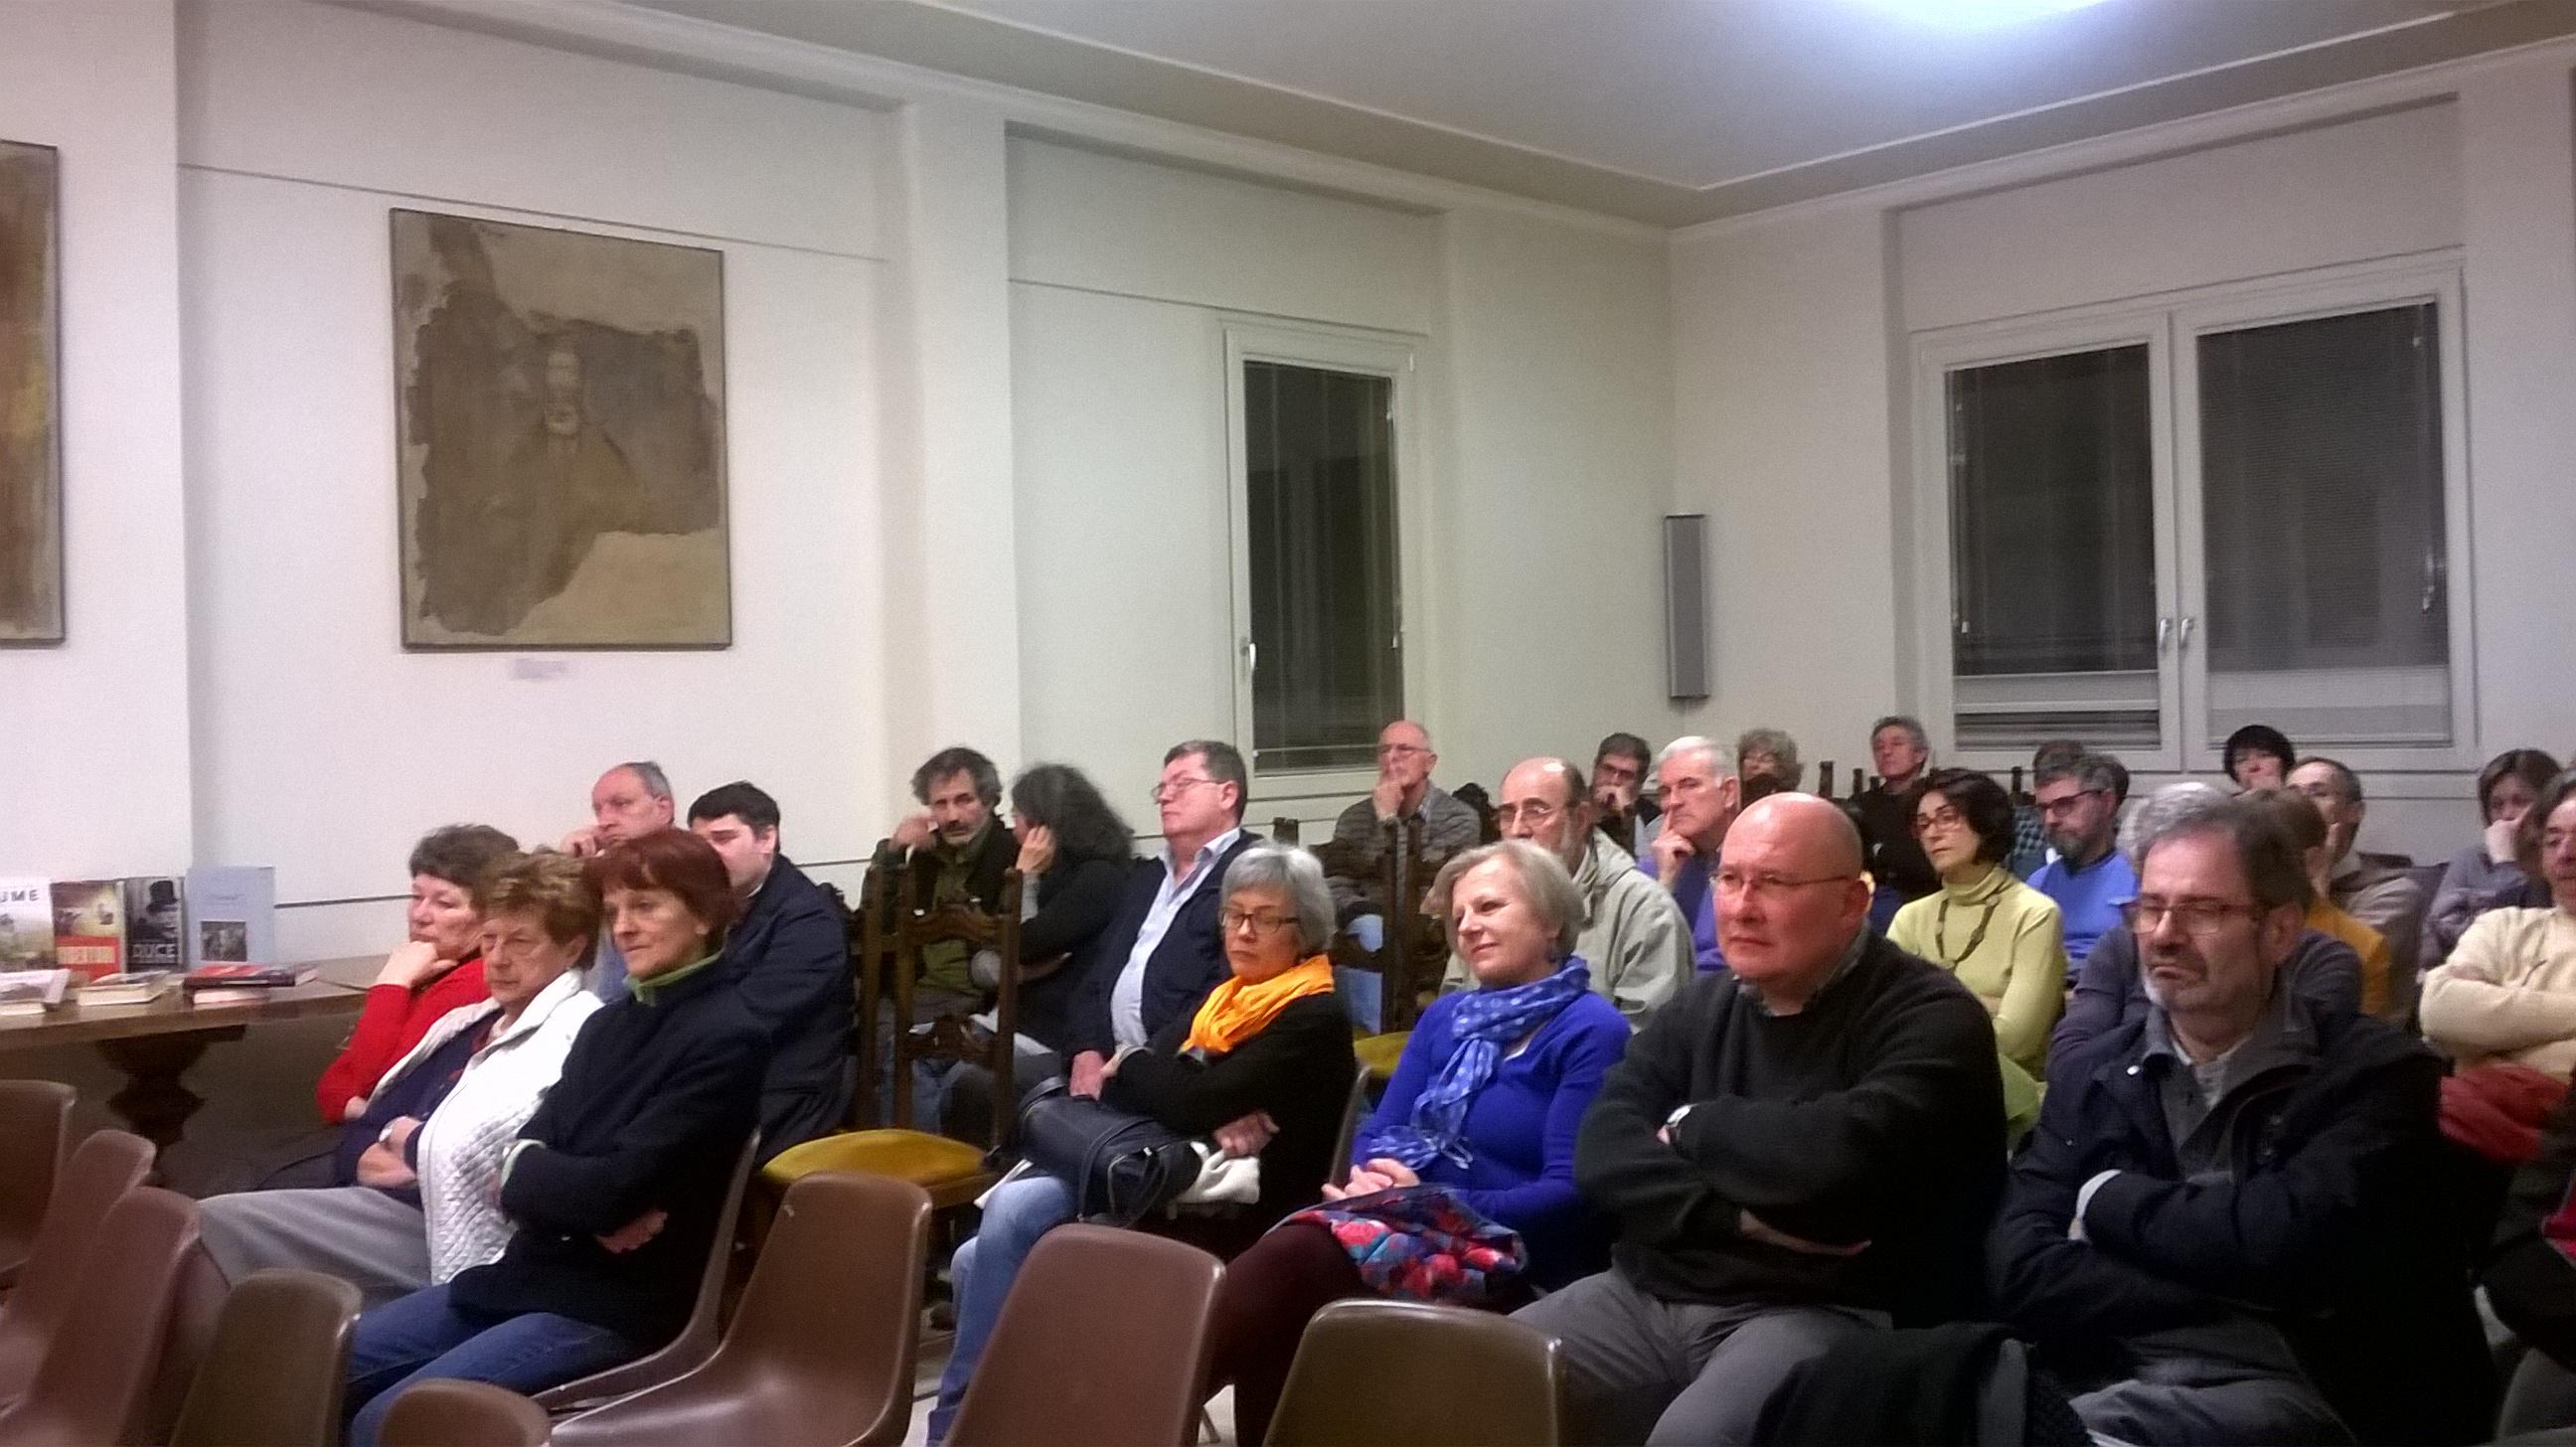 08_presentazione Il tribunale del Duce di Mimmo Franzinelli_20 aprile 2017 a Malegno